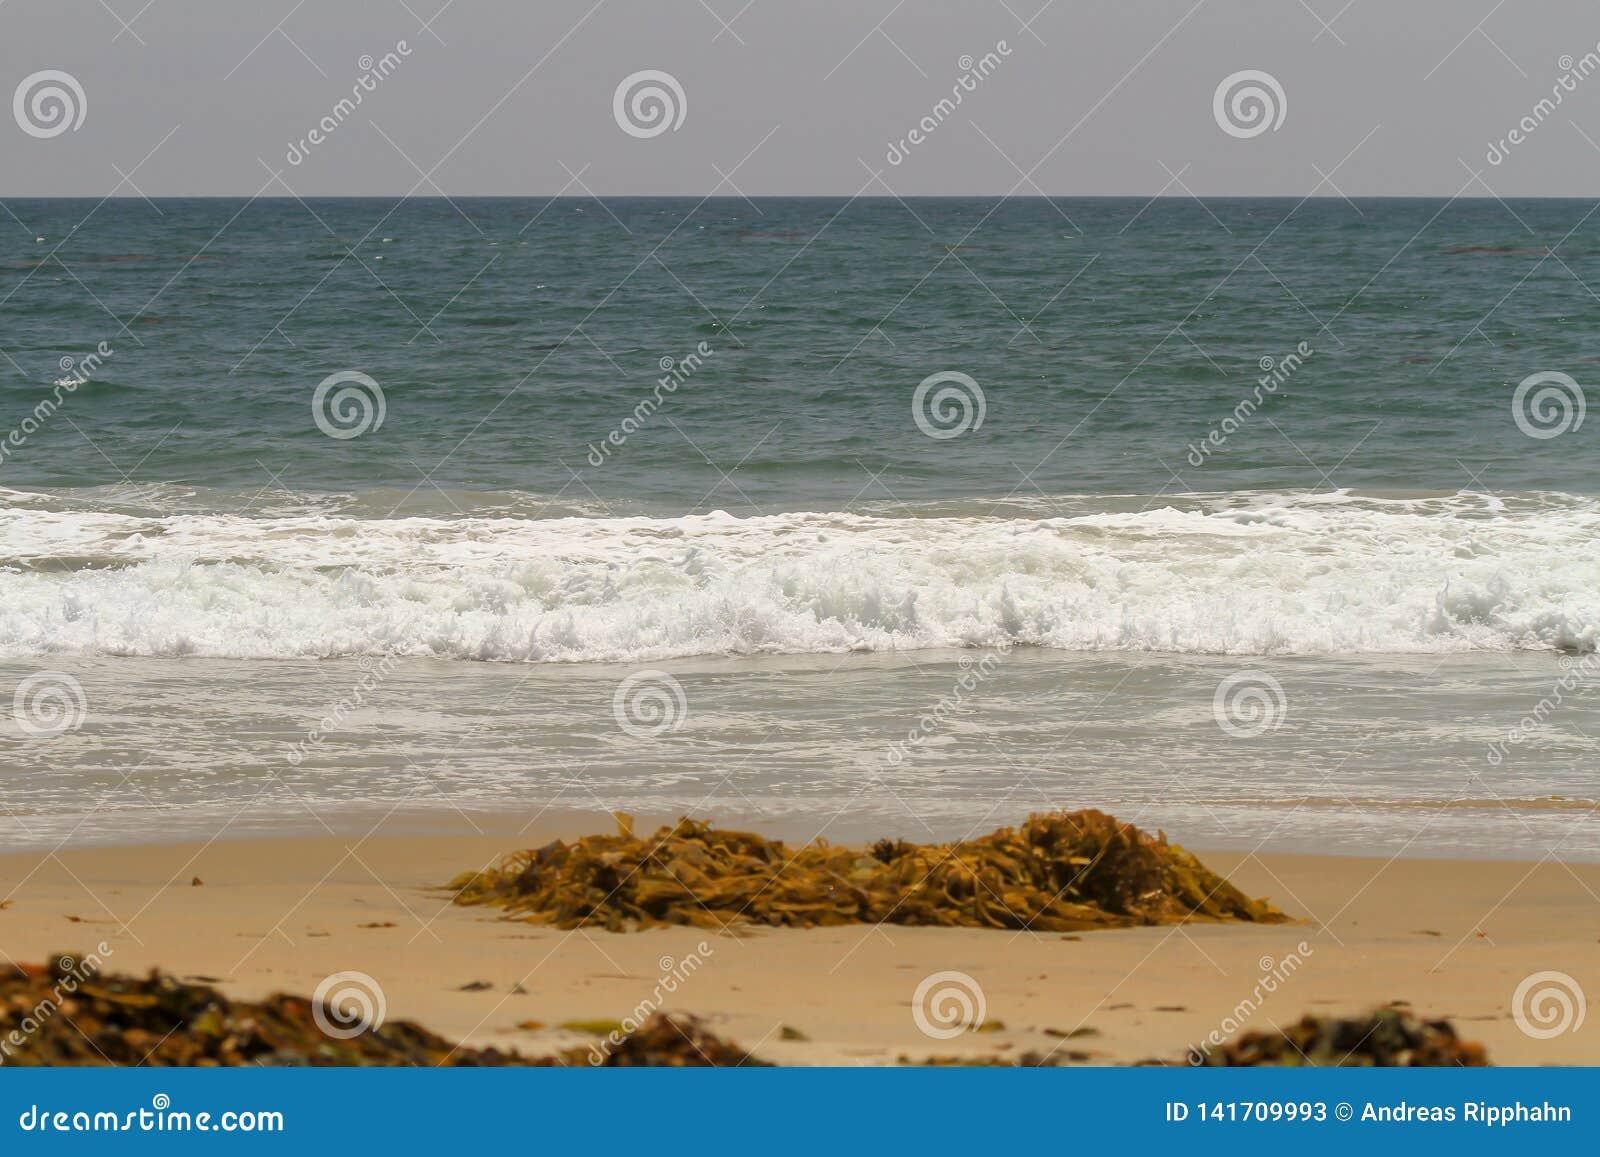 Havsväxt och vrakgods som tvättas upp på en sandig strand